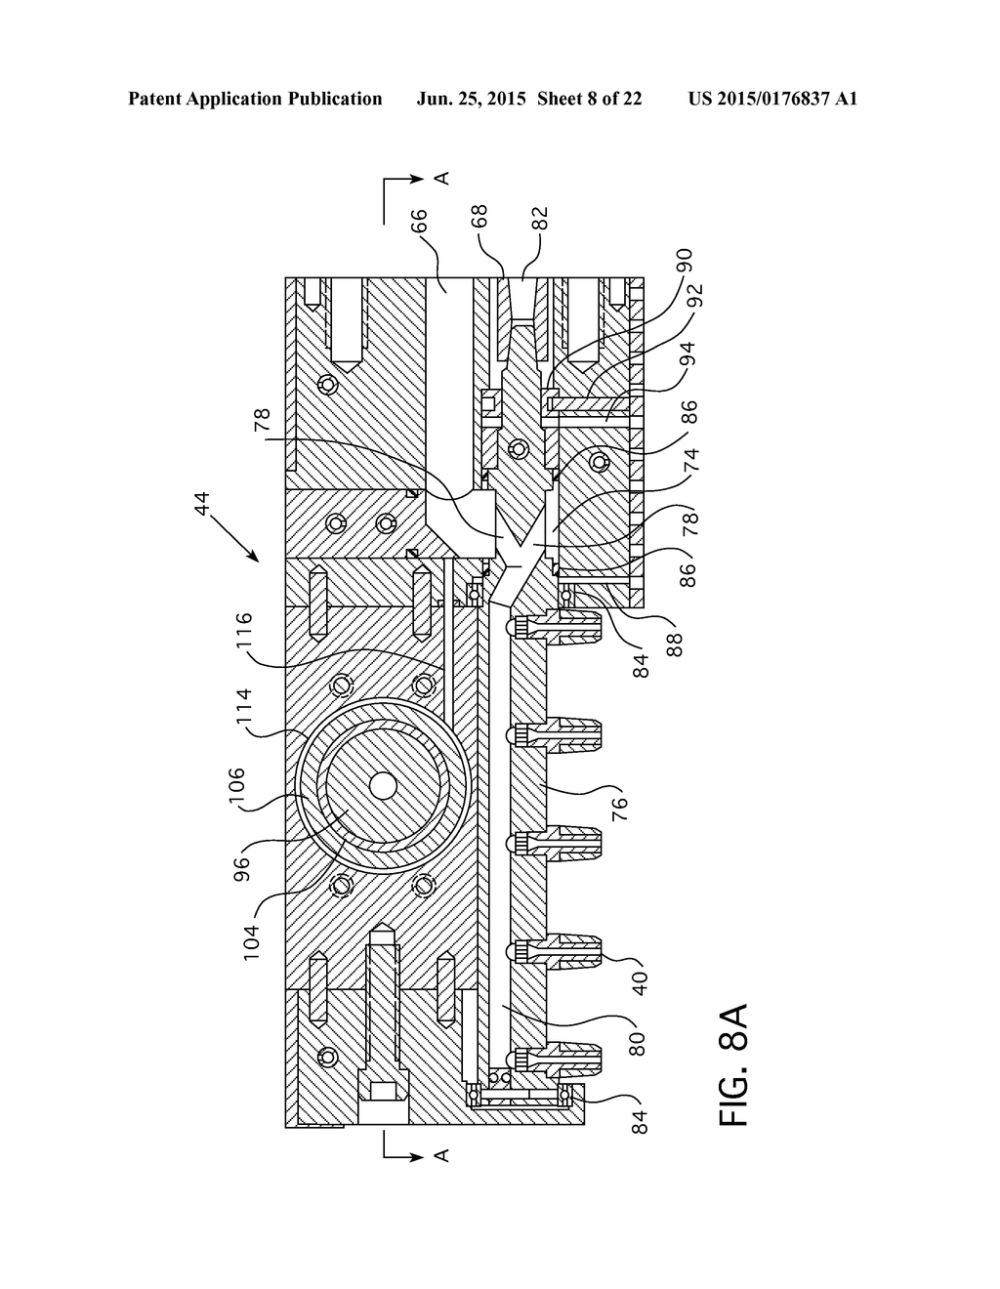 medium resolution of steam generator sludge lance apparatus diagram schematic and image 09